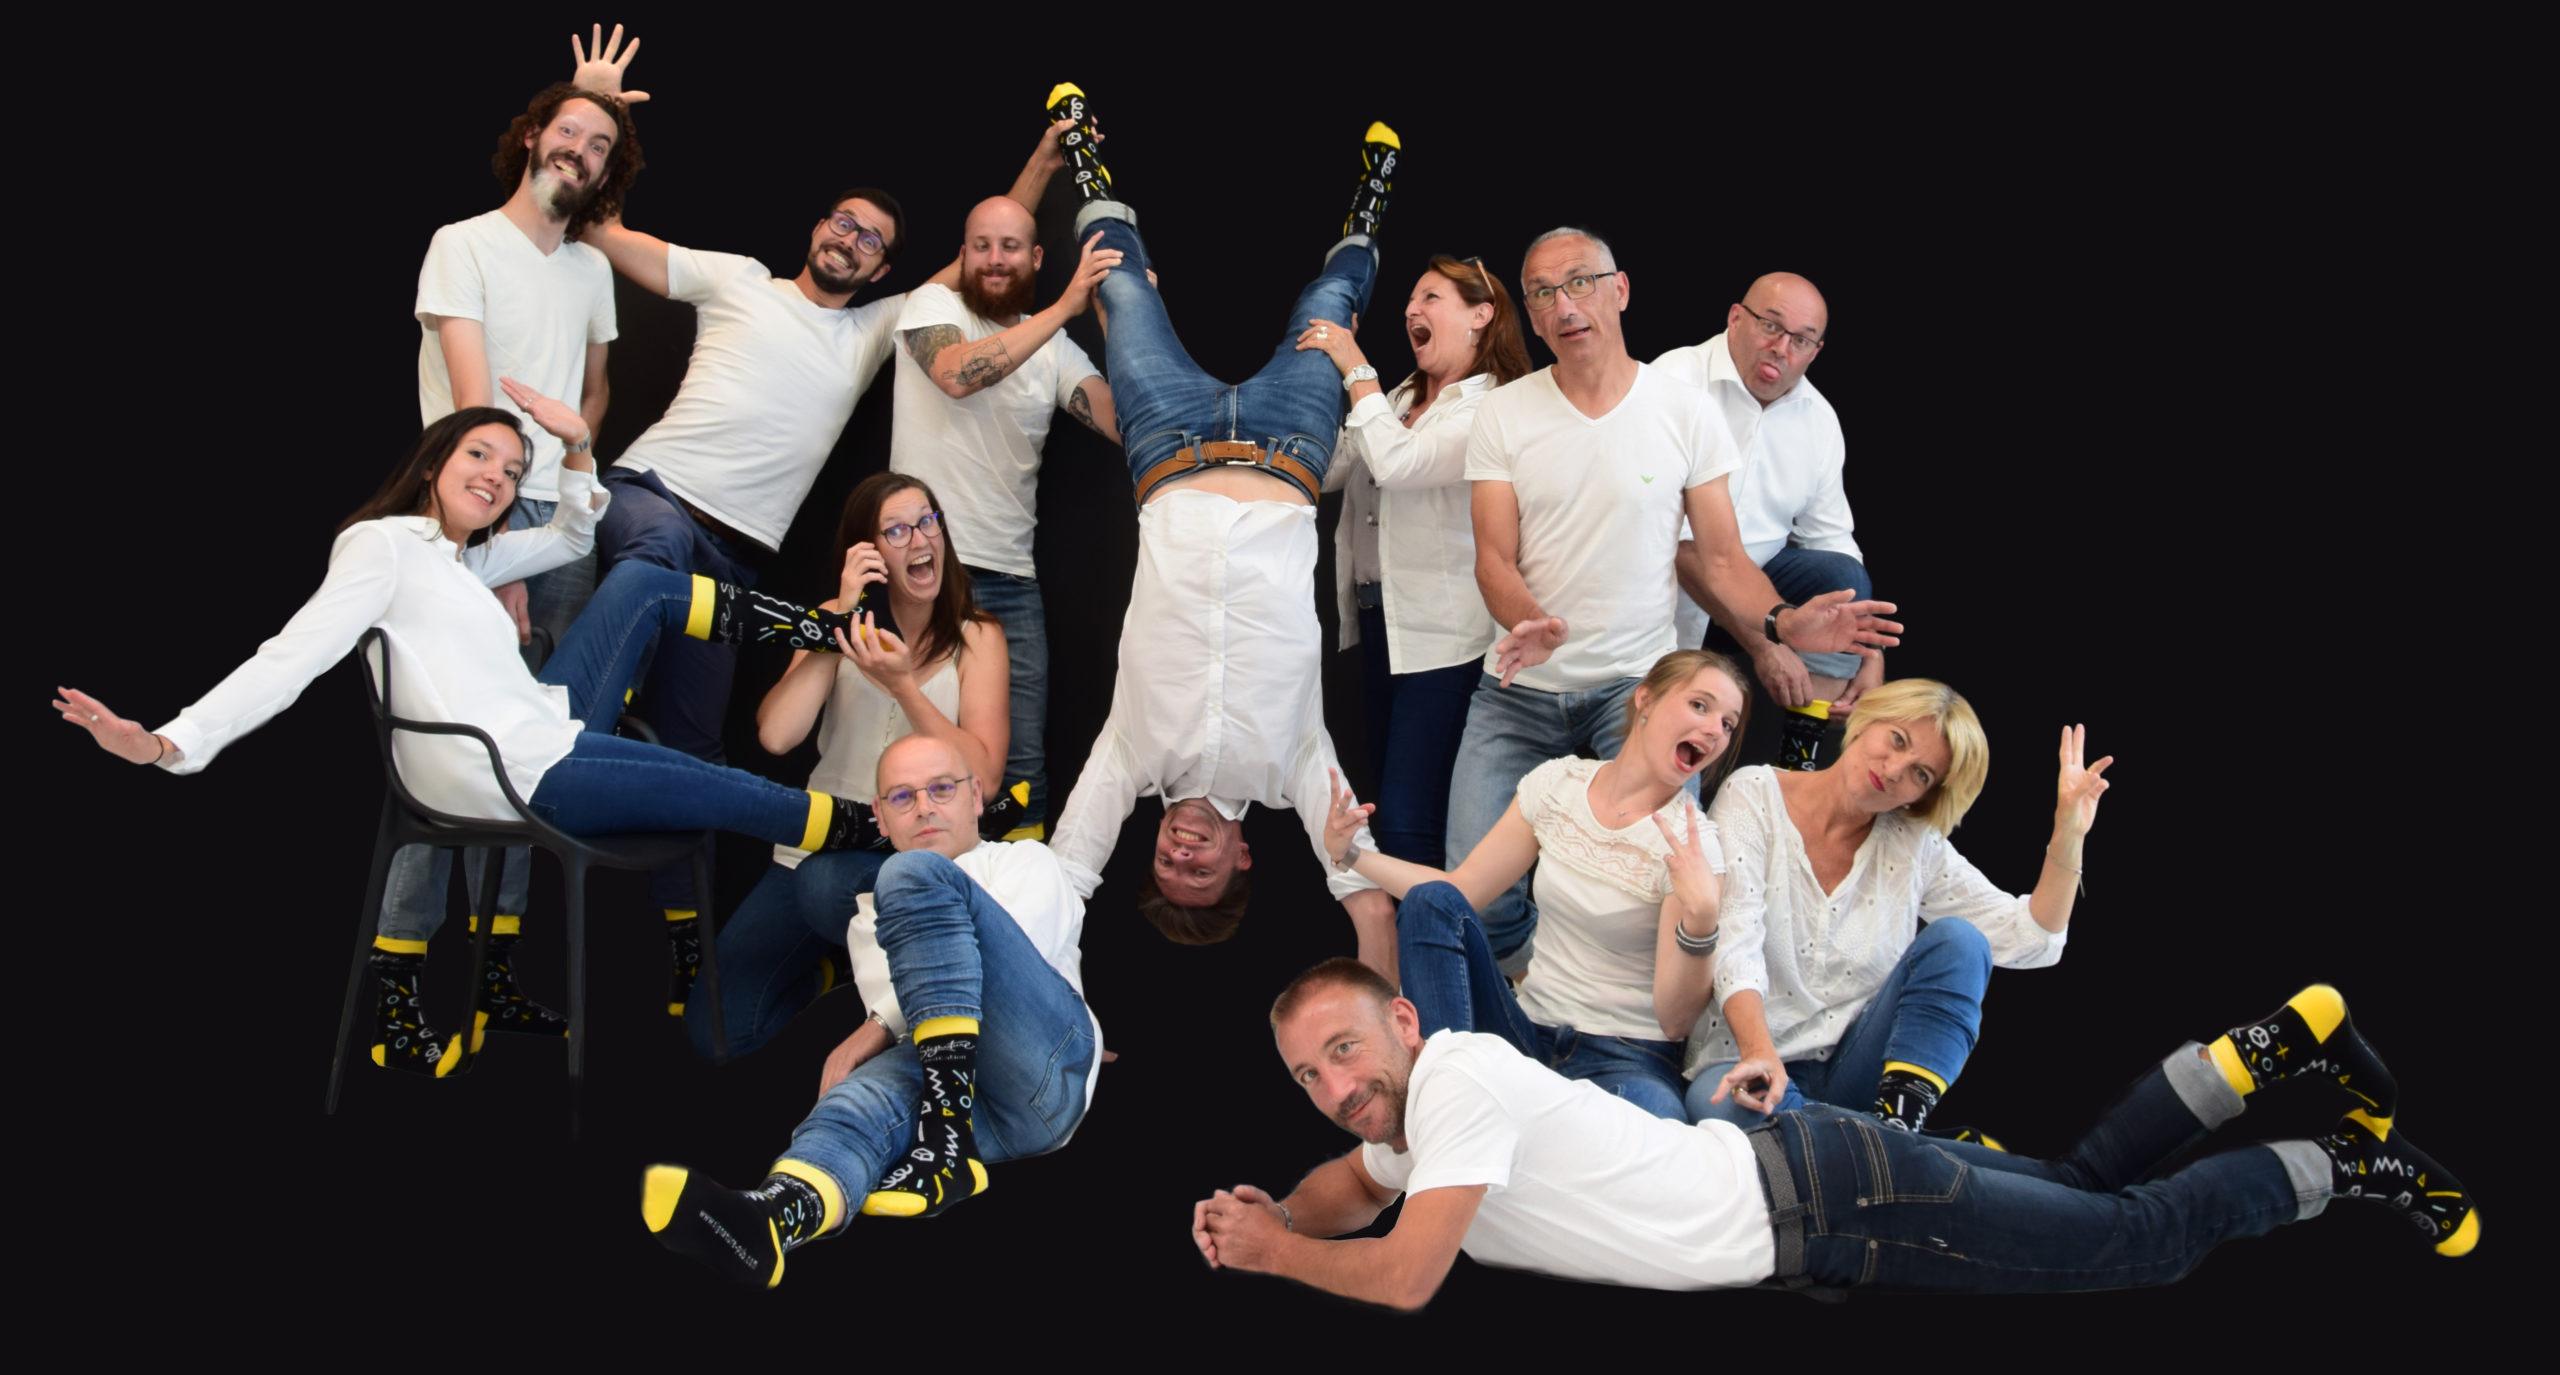 Photo equipe Signature 2020